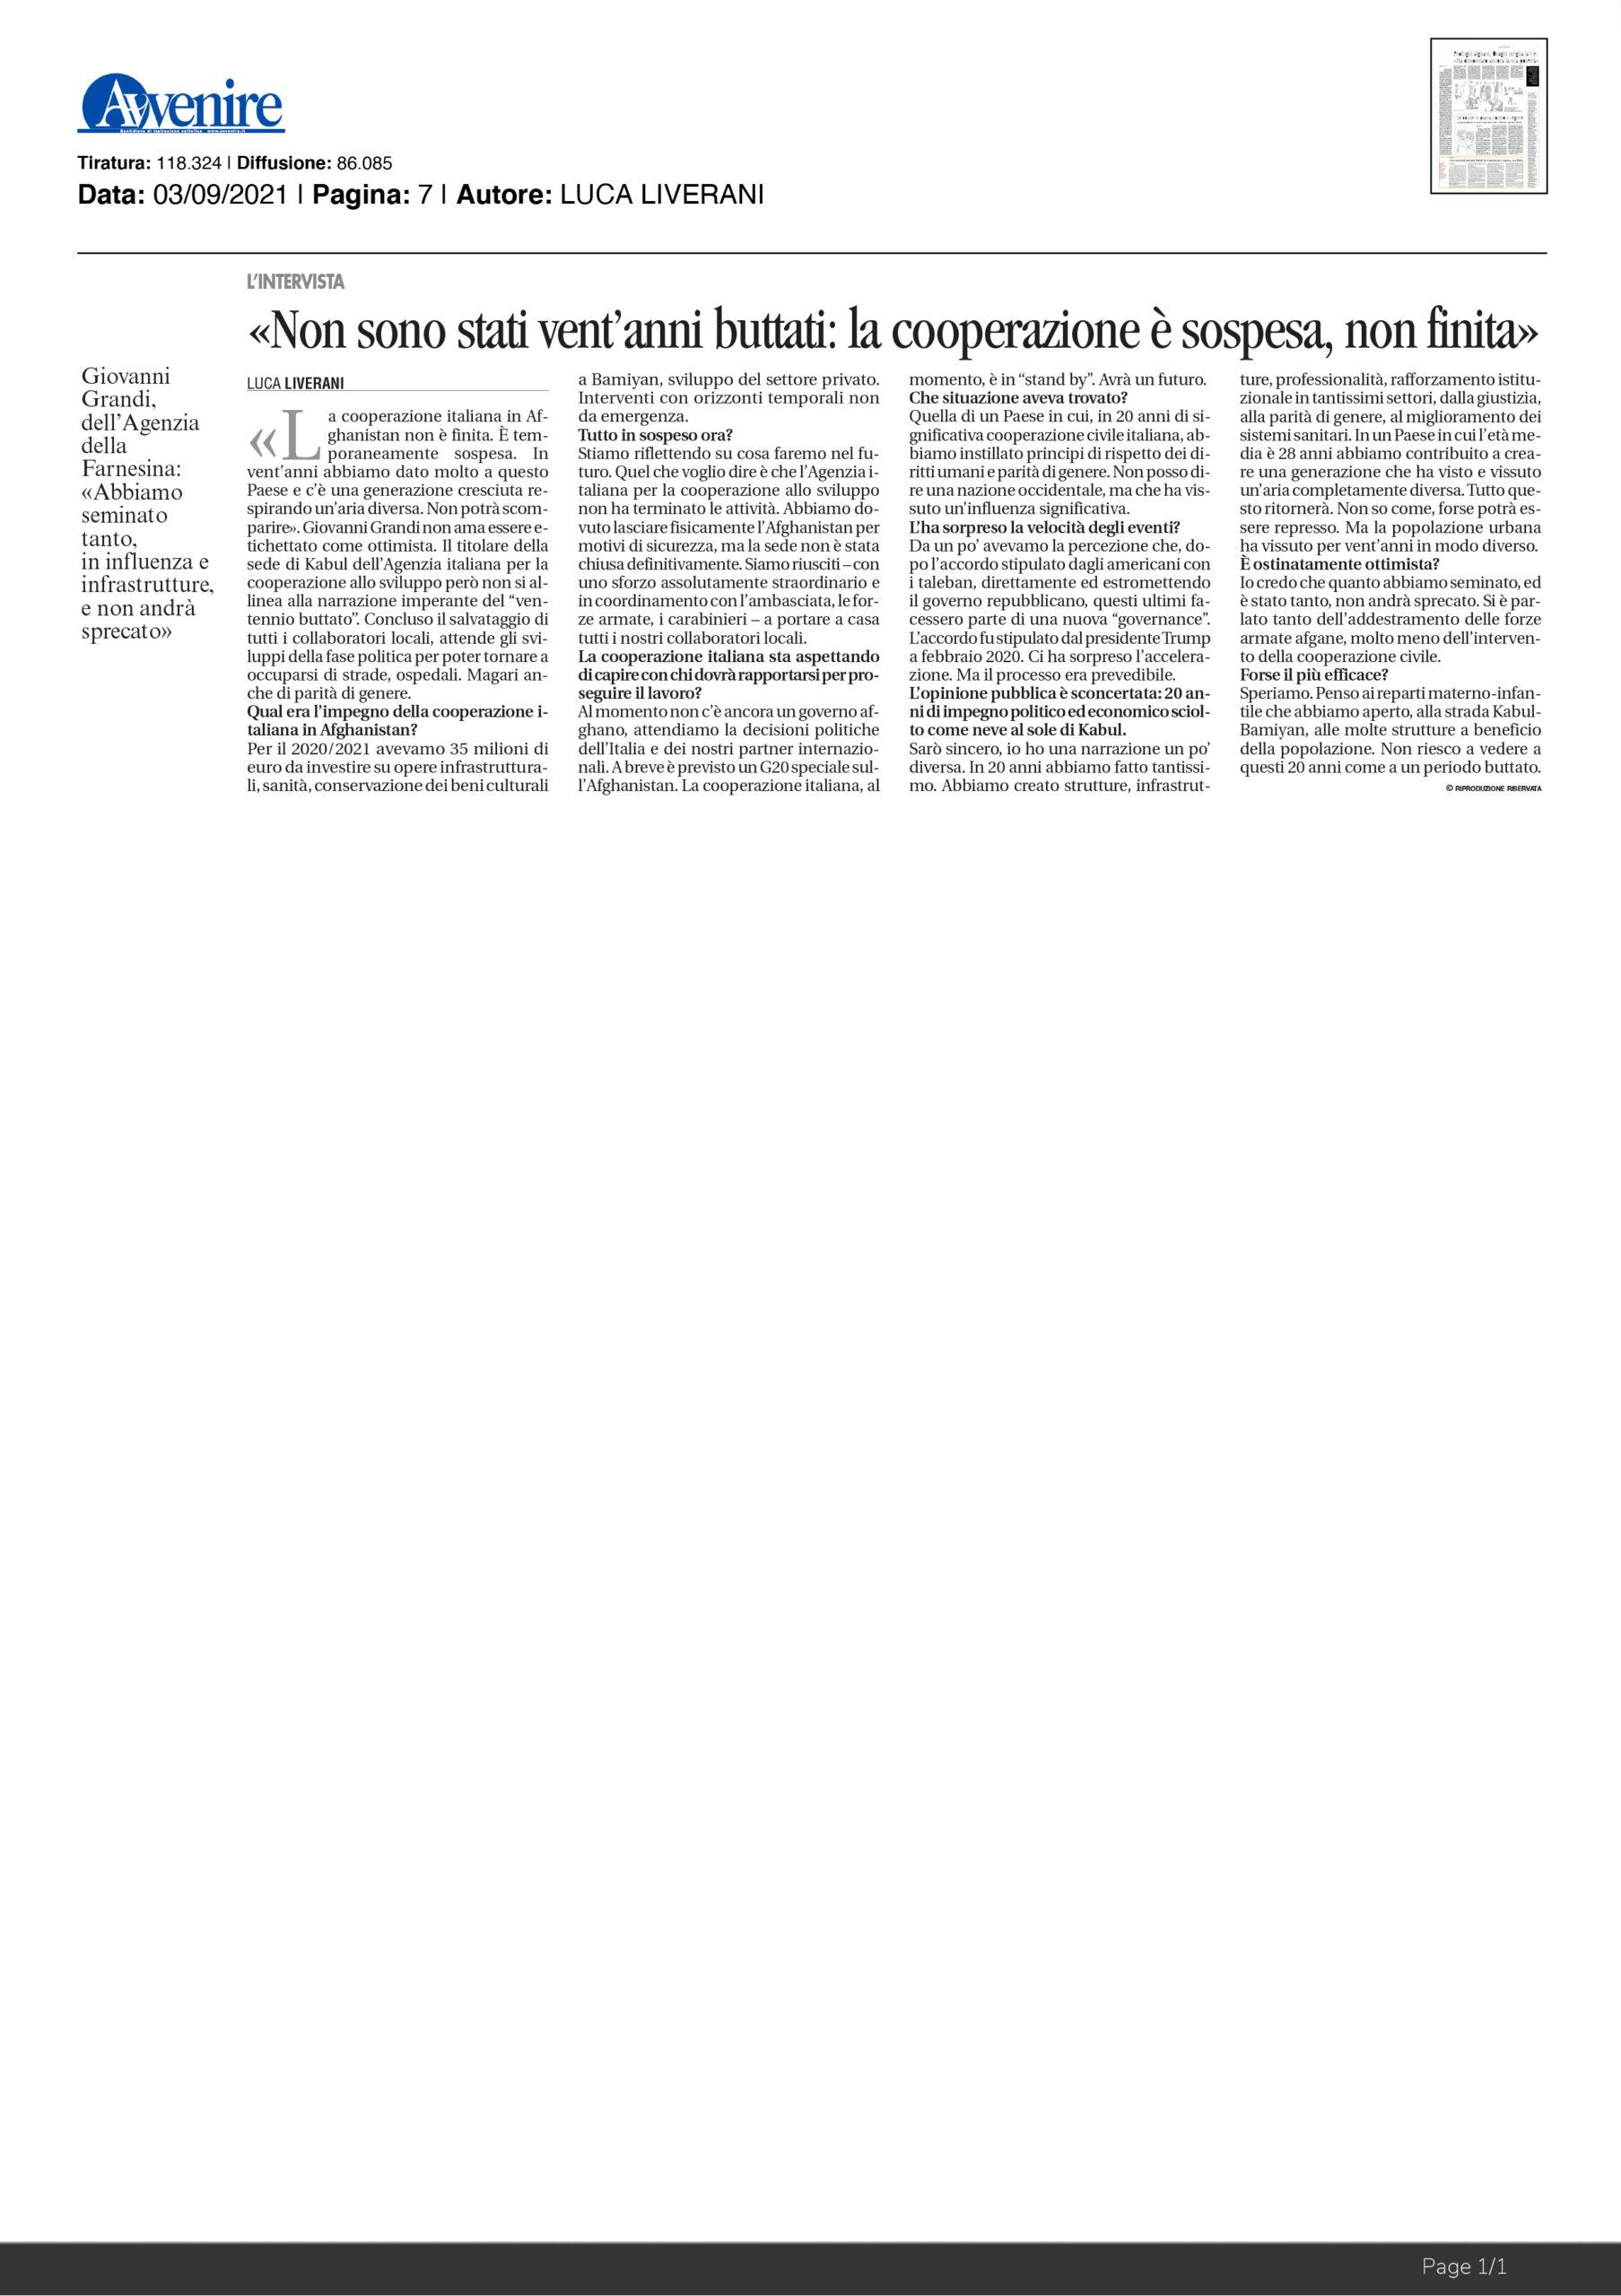 """Intervista a Giovanni Grandi: """"Non sono stati vent'anni buttati: la cooperazione è sospesa, non finita"""" – Avvenire"""